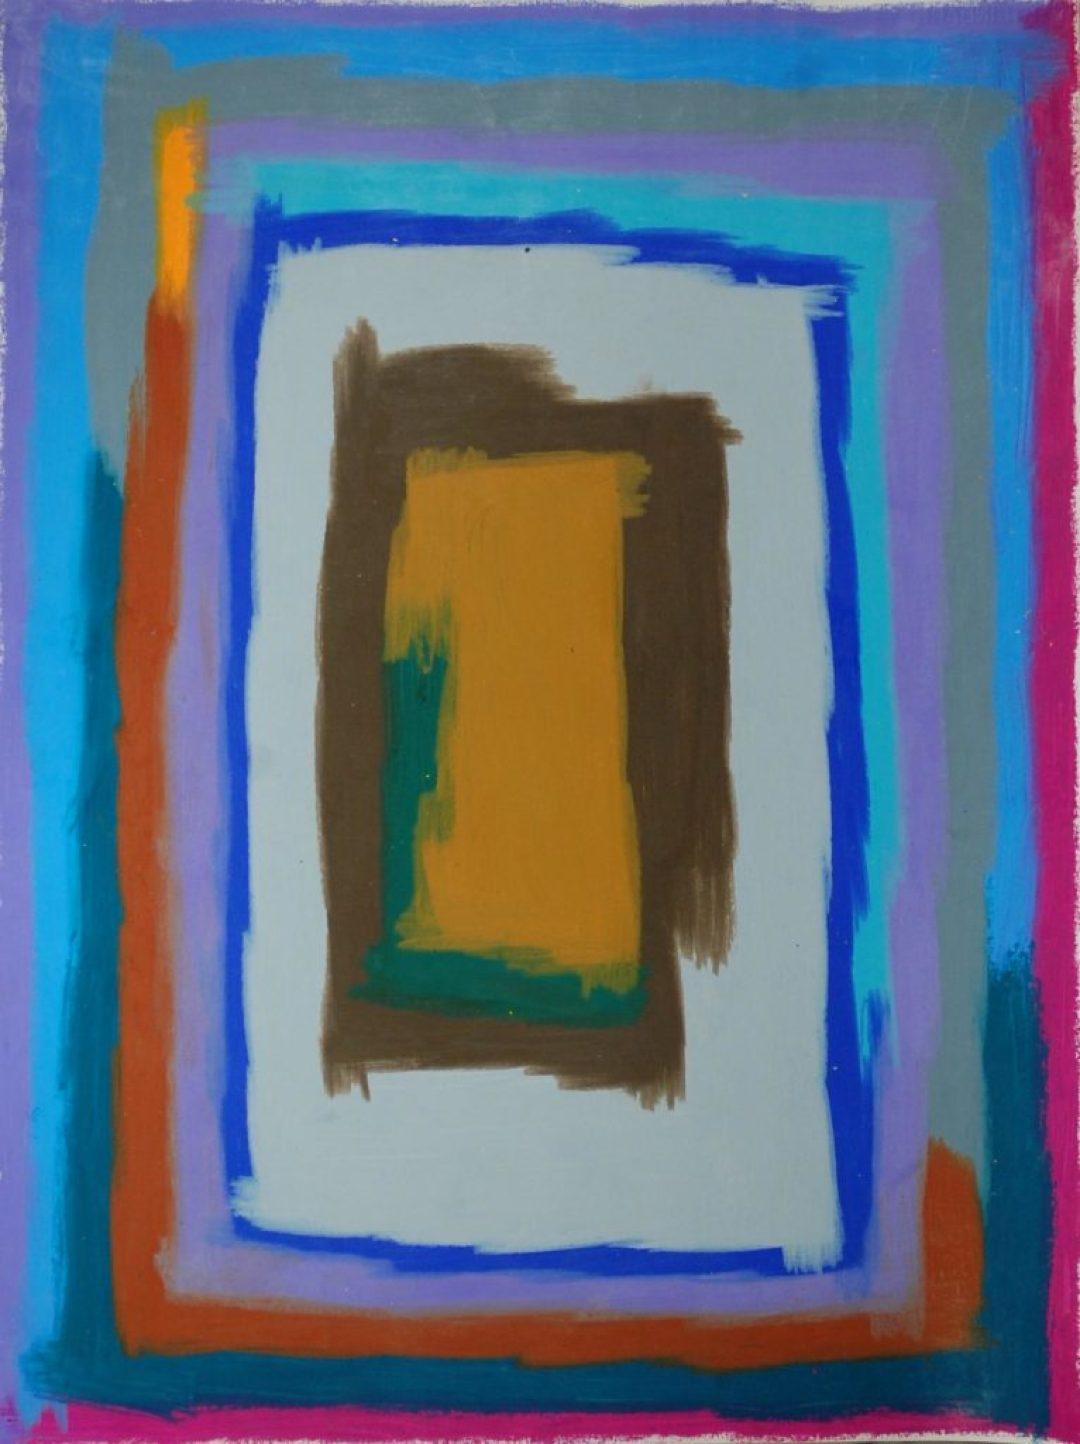 François Defontaine, Sans titre, nd (2014-2016), pastel gras sur papier, 73 x 55 cm